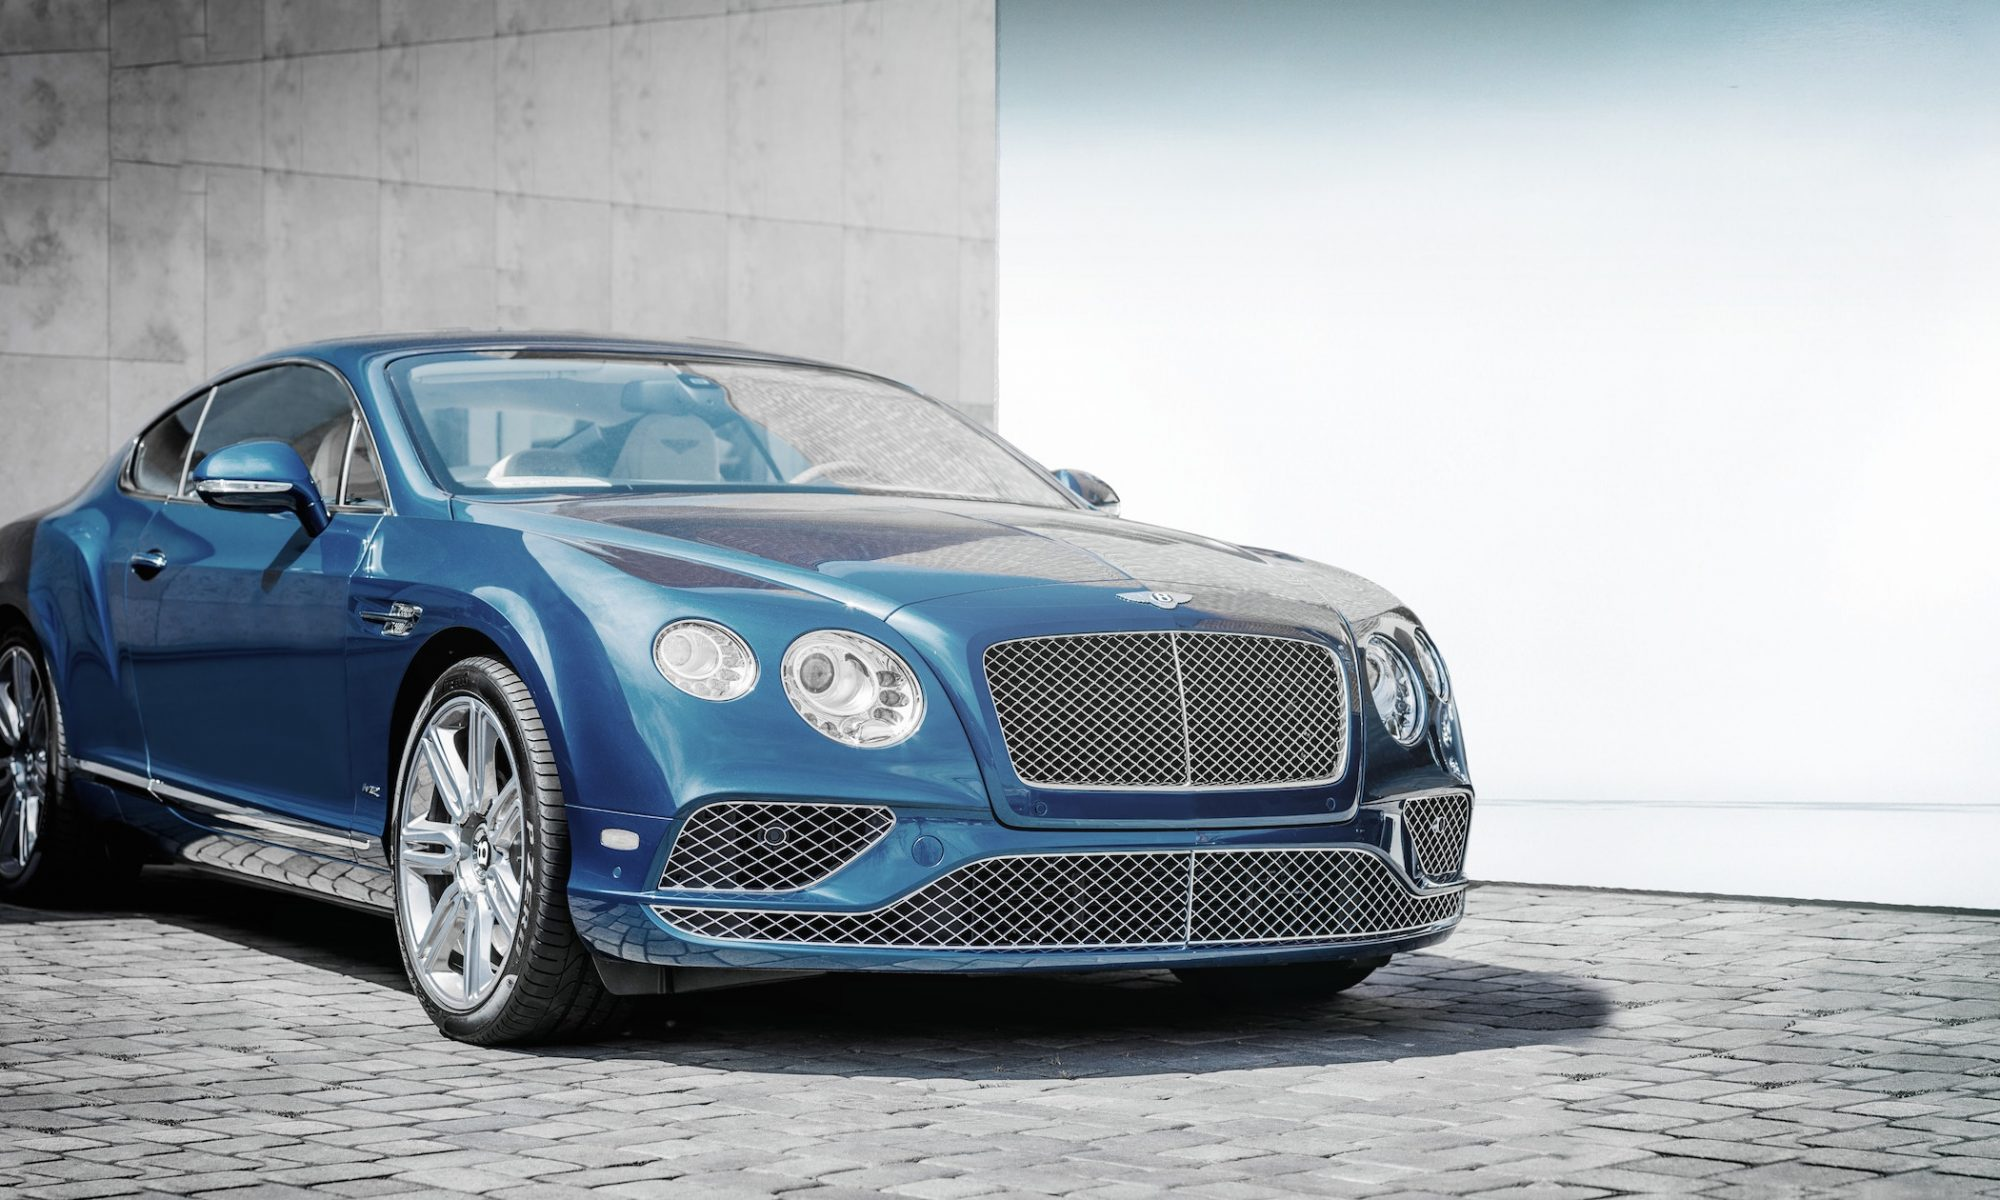 Få råd til en rigtig luksusbil med leasing